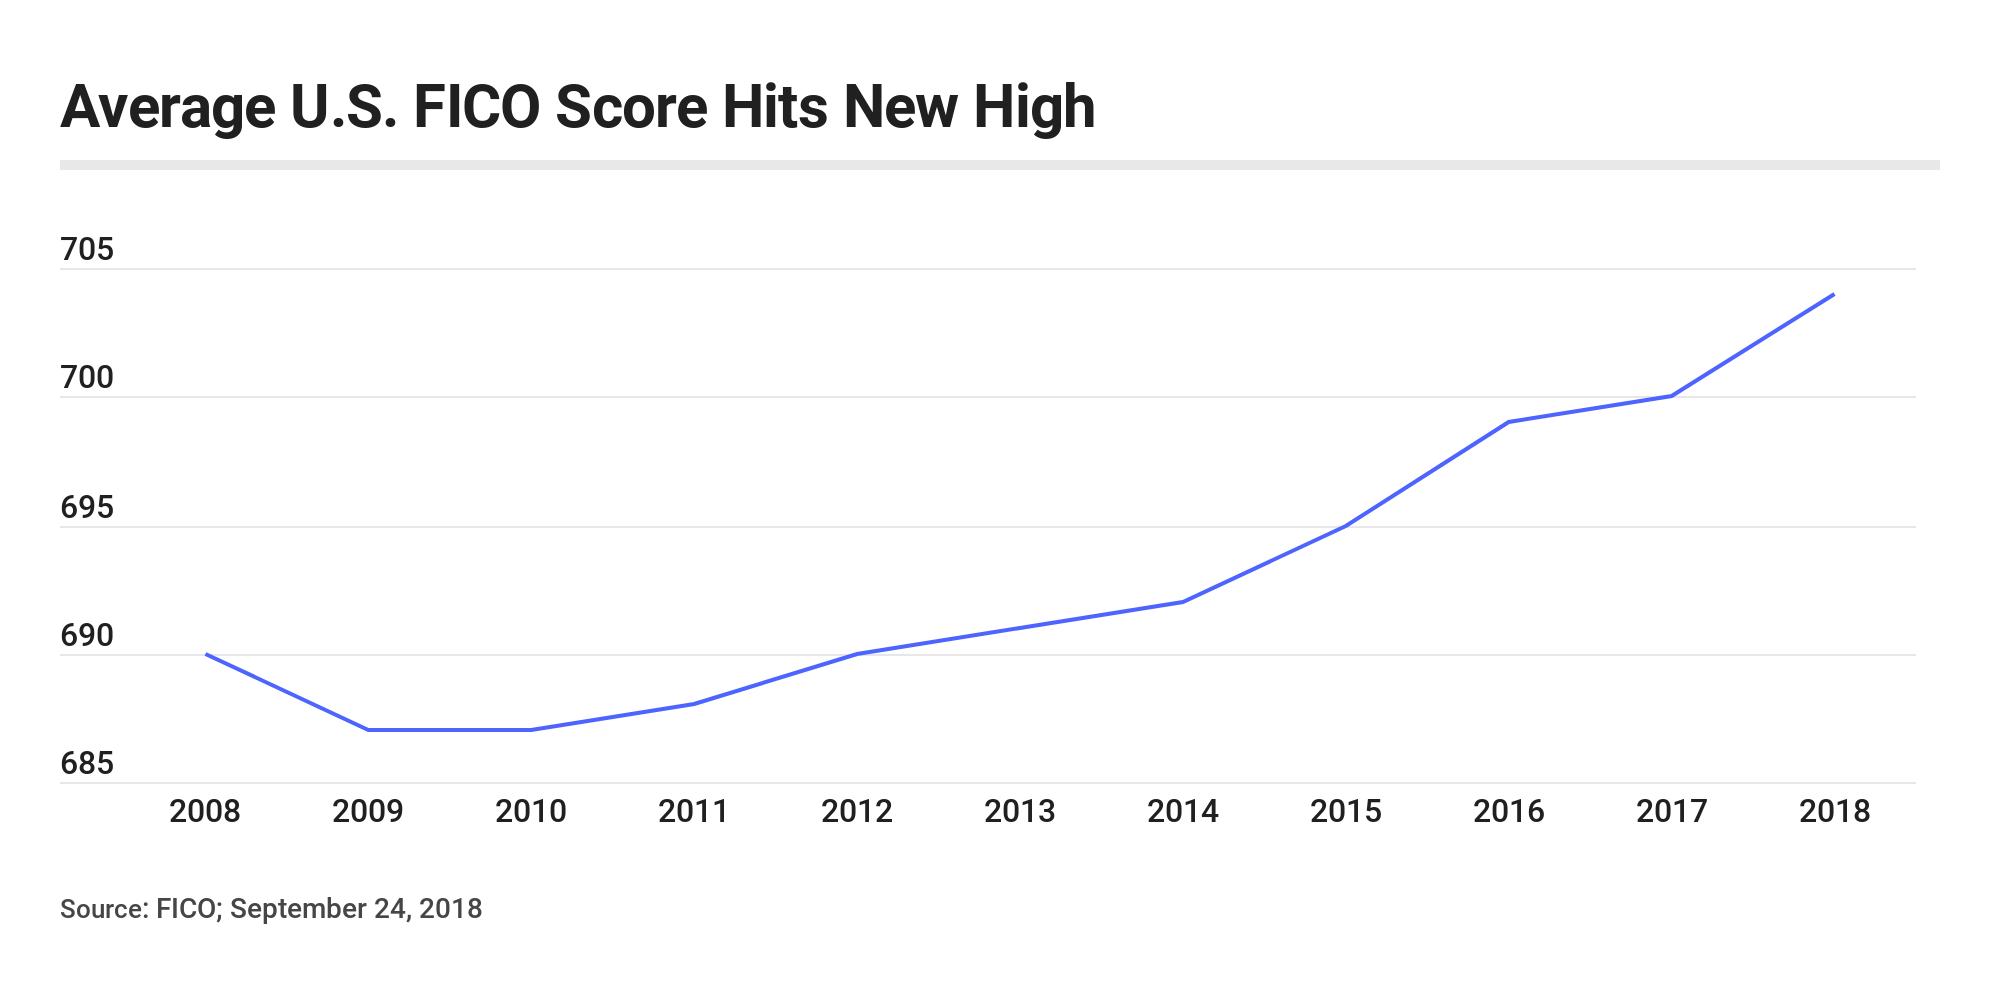 El puntaje promedio FICO de EE. UU. Alcanza un nuevo récord